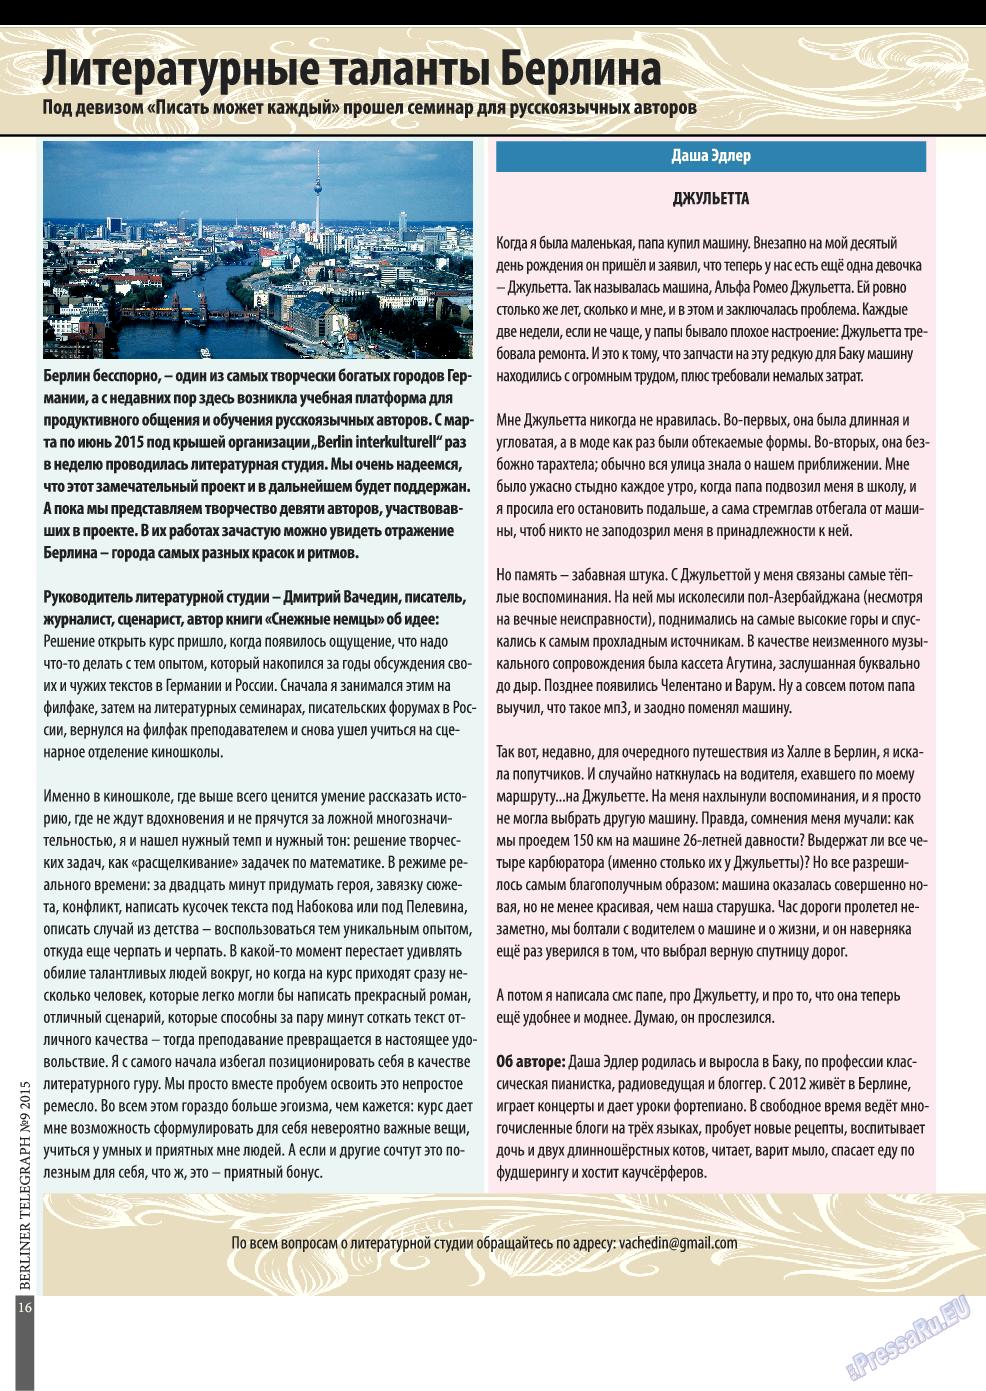 Берлинский телеграф (журнал). 2015 год, номер 9, стр. 16